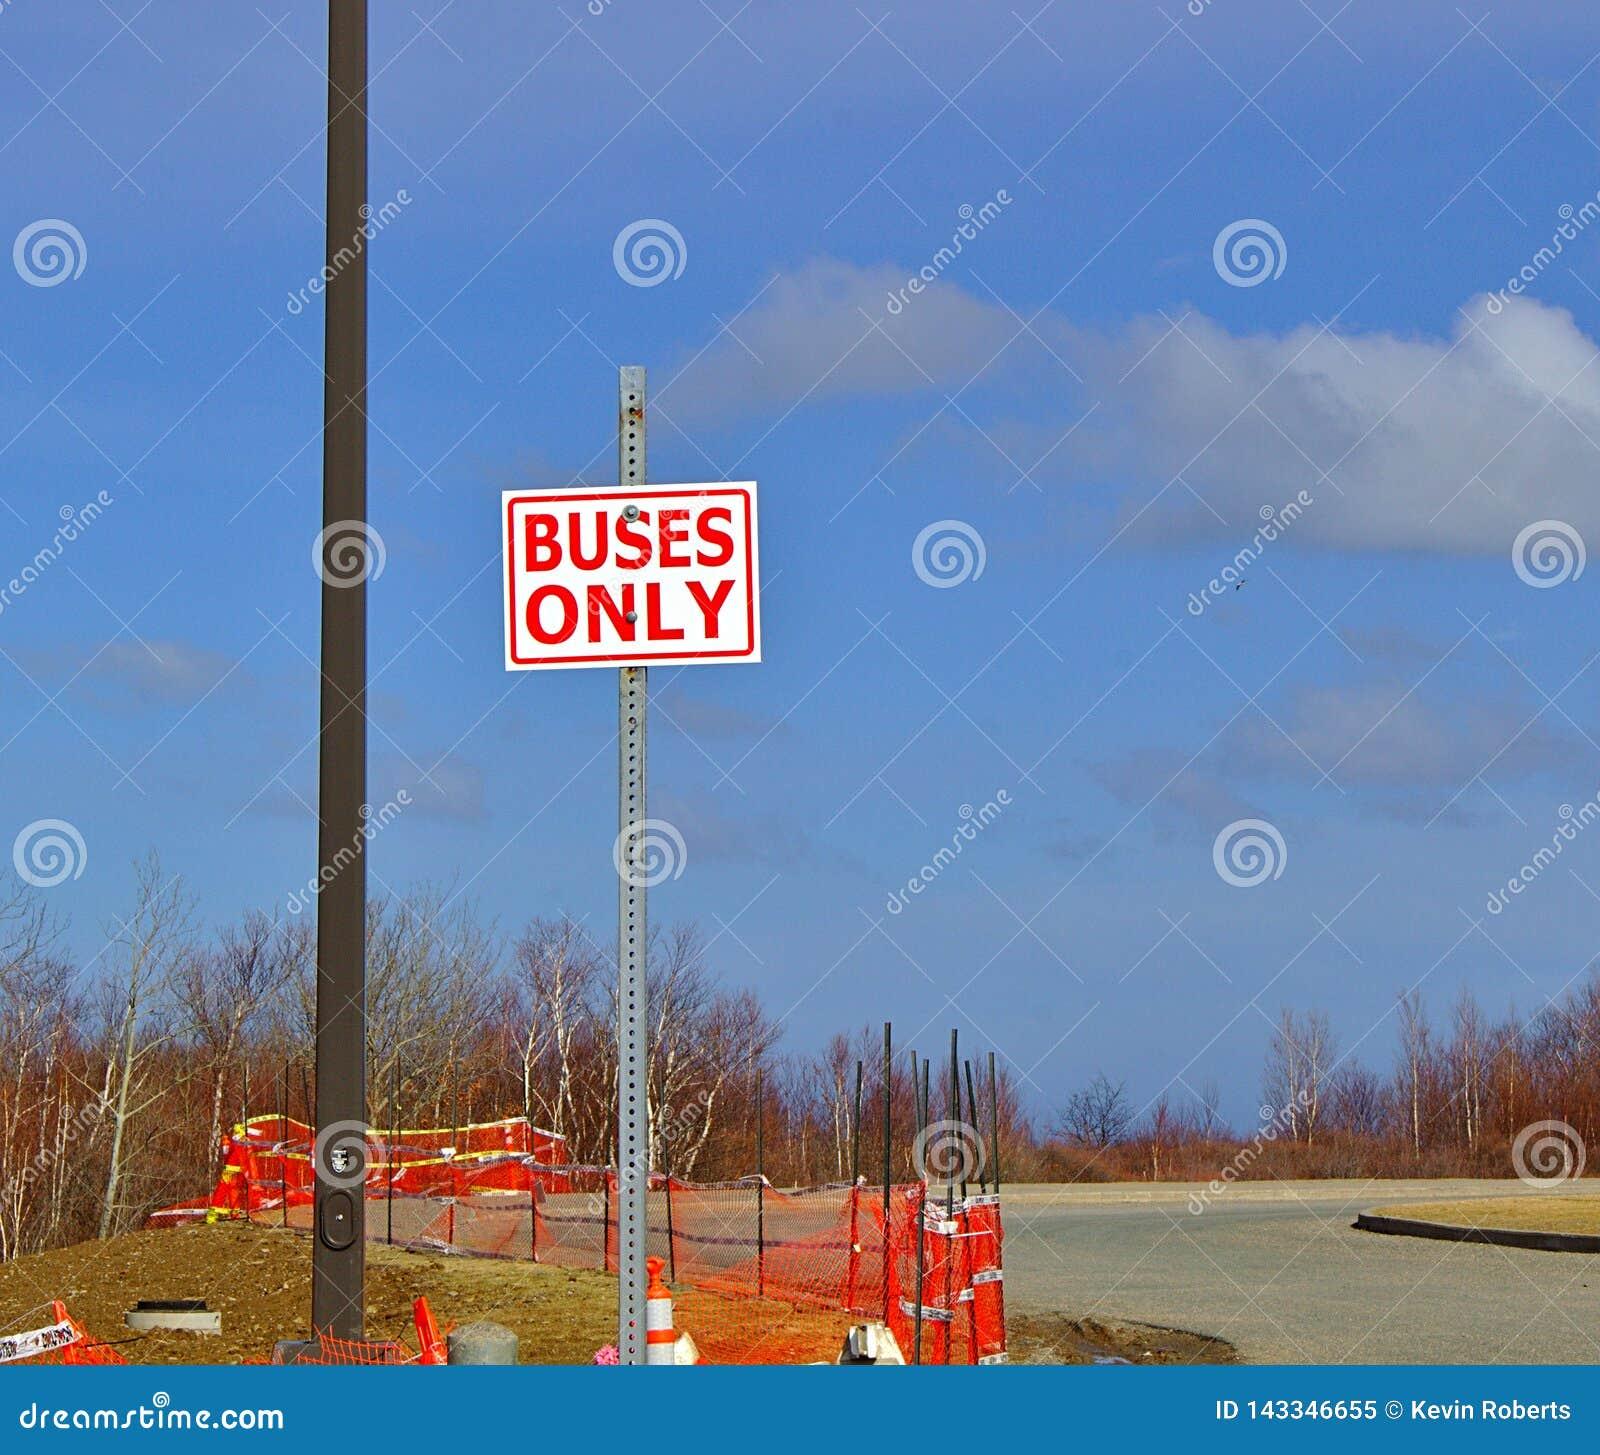 公车运送仅标志